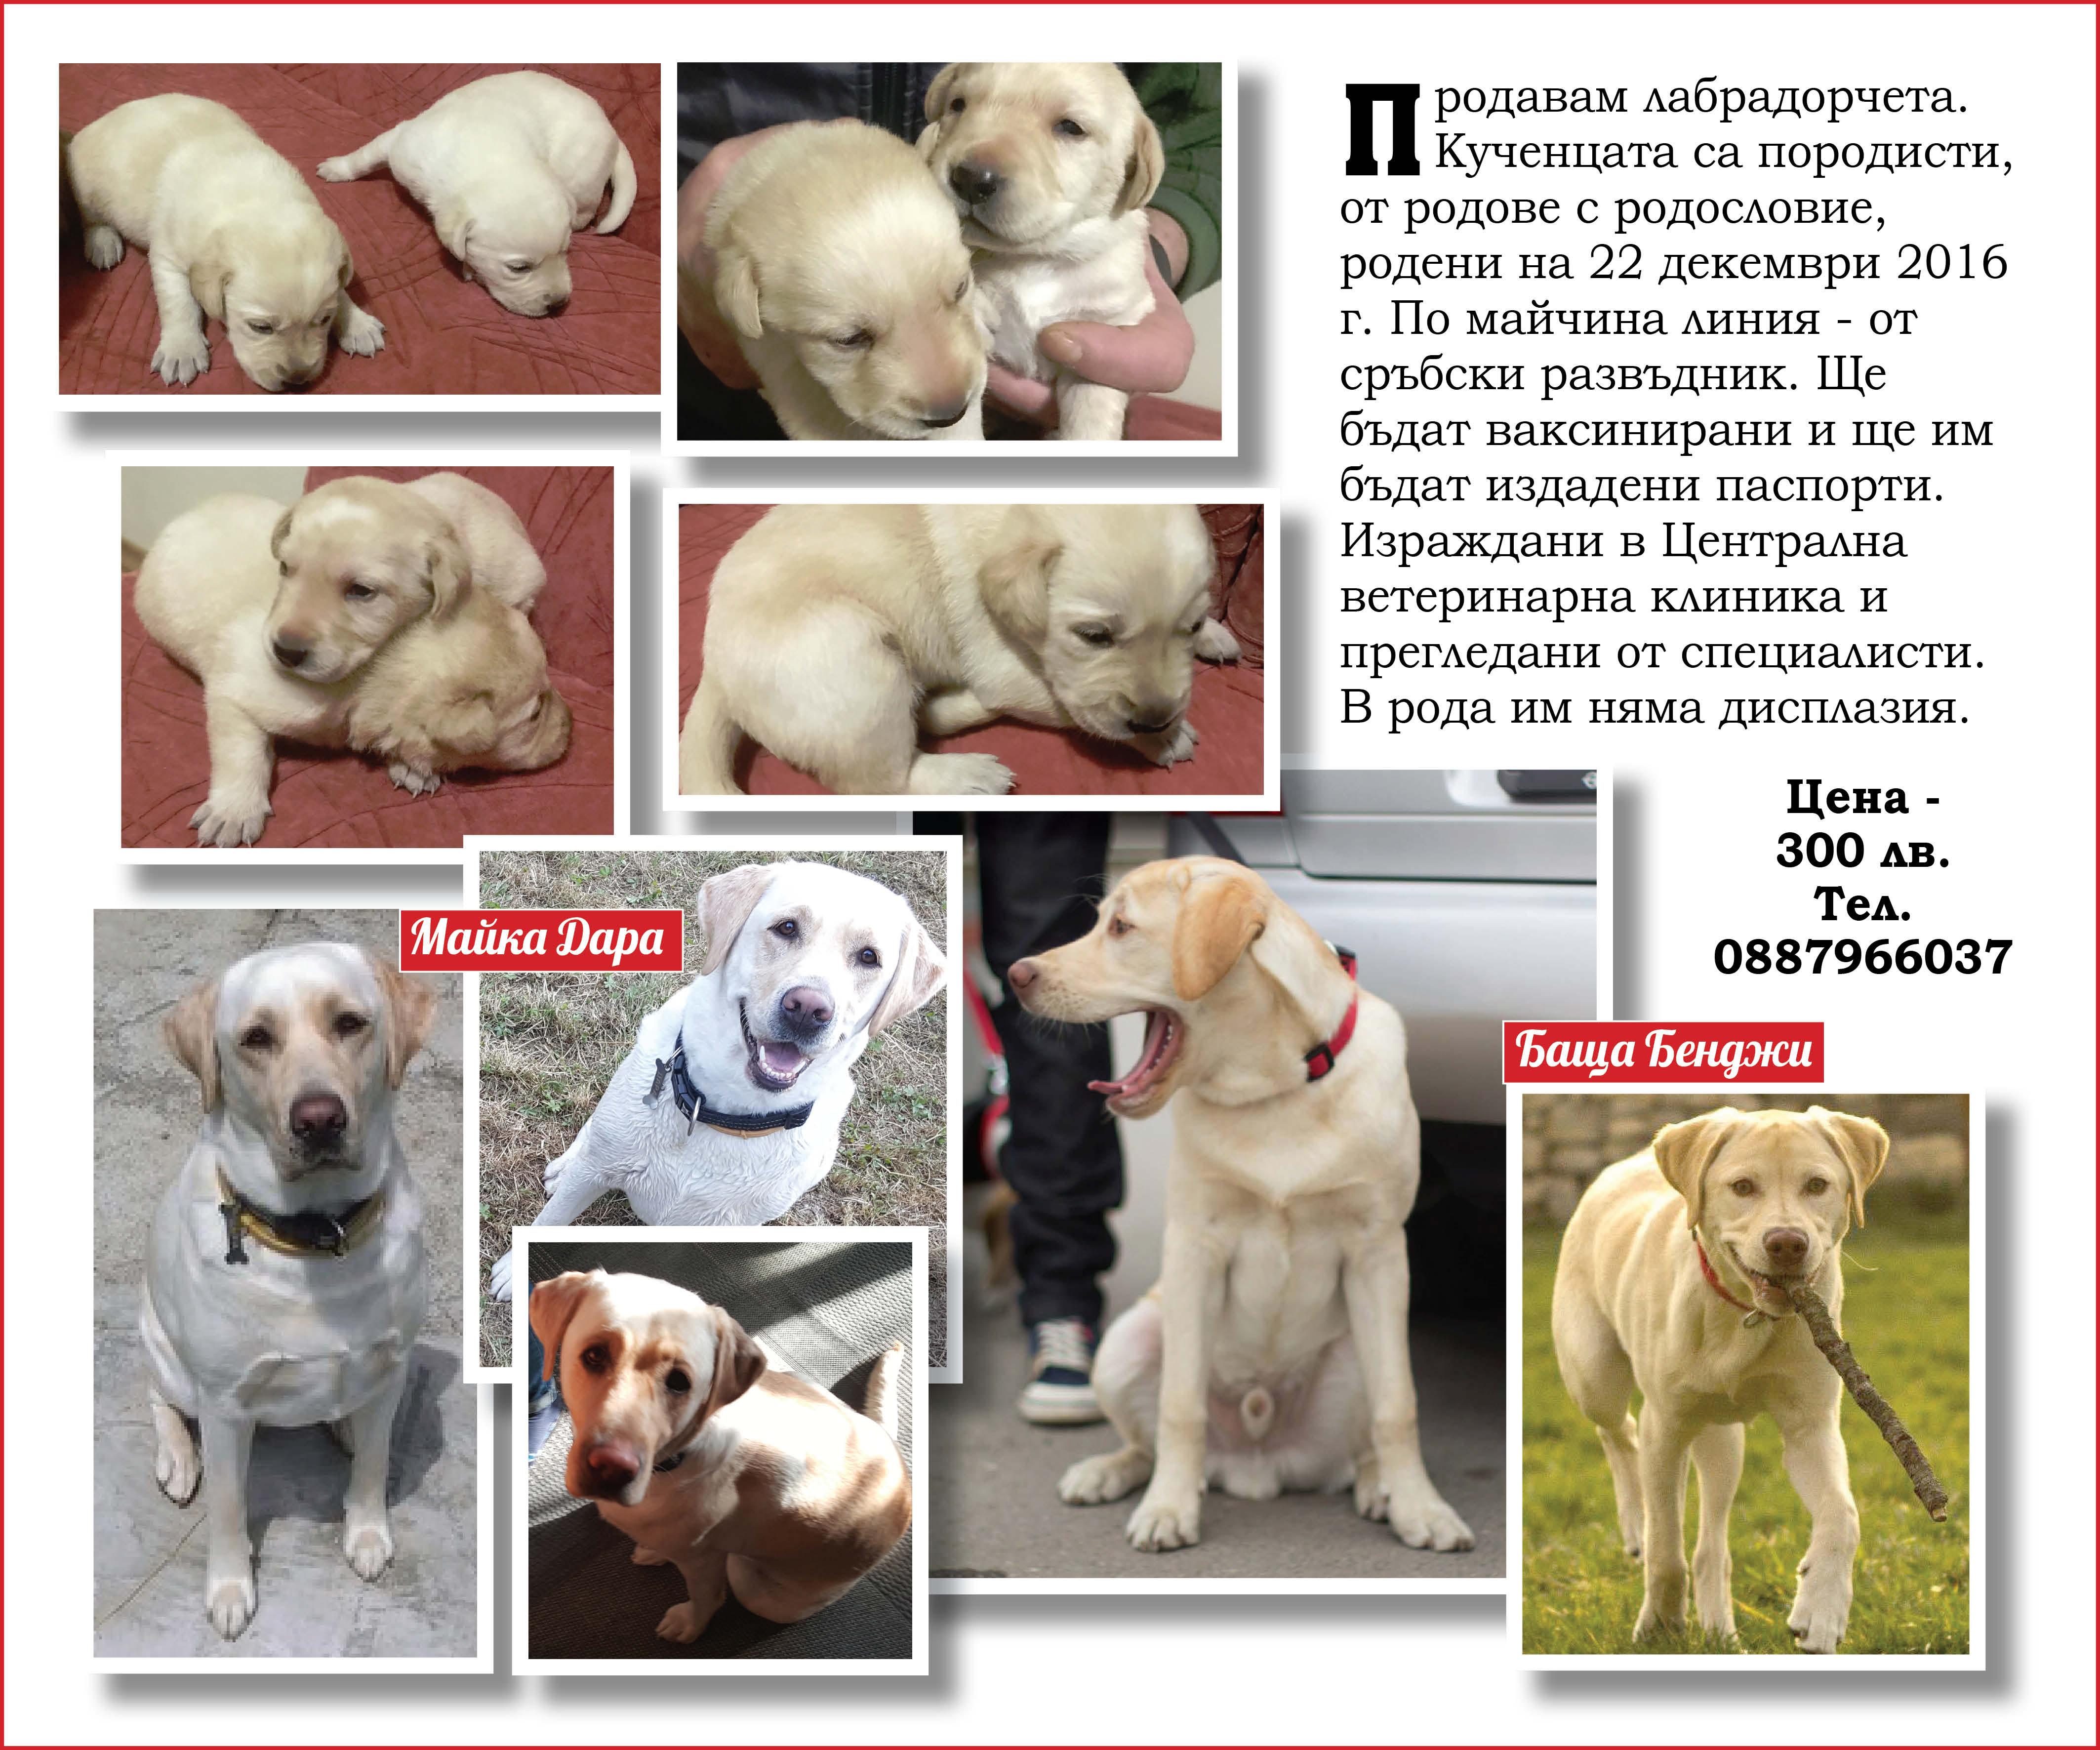 Kuchentsa, porodisti, Labrador